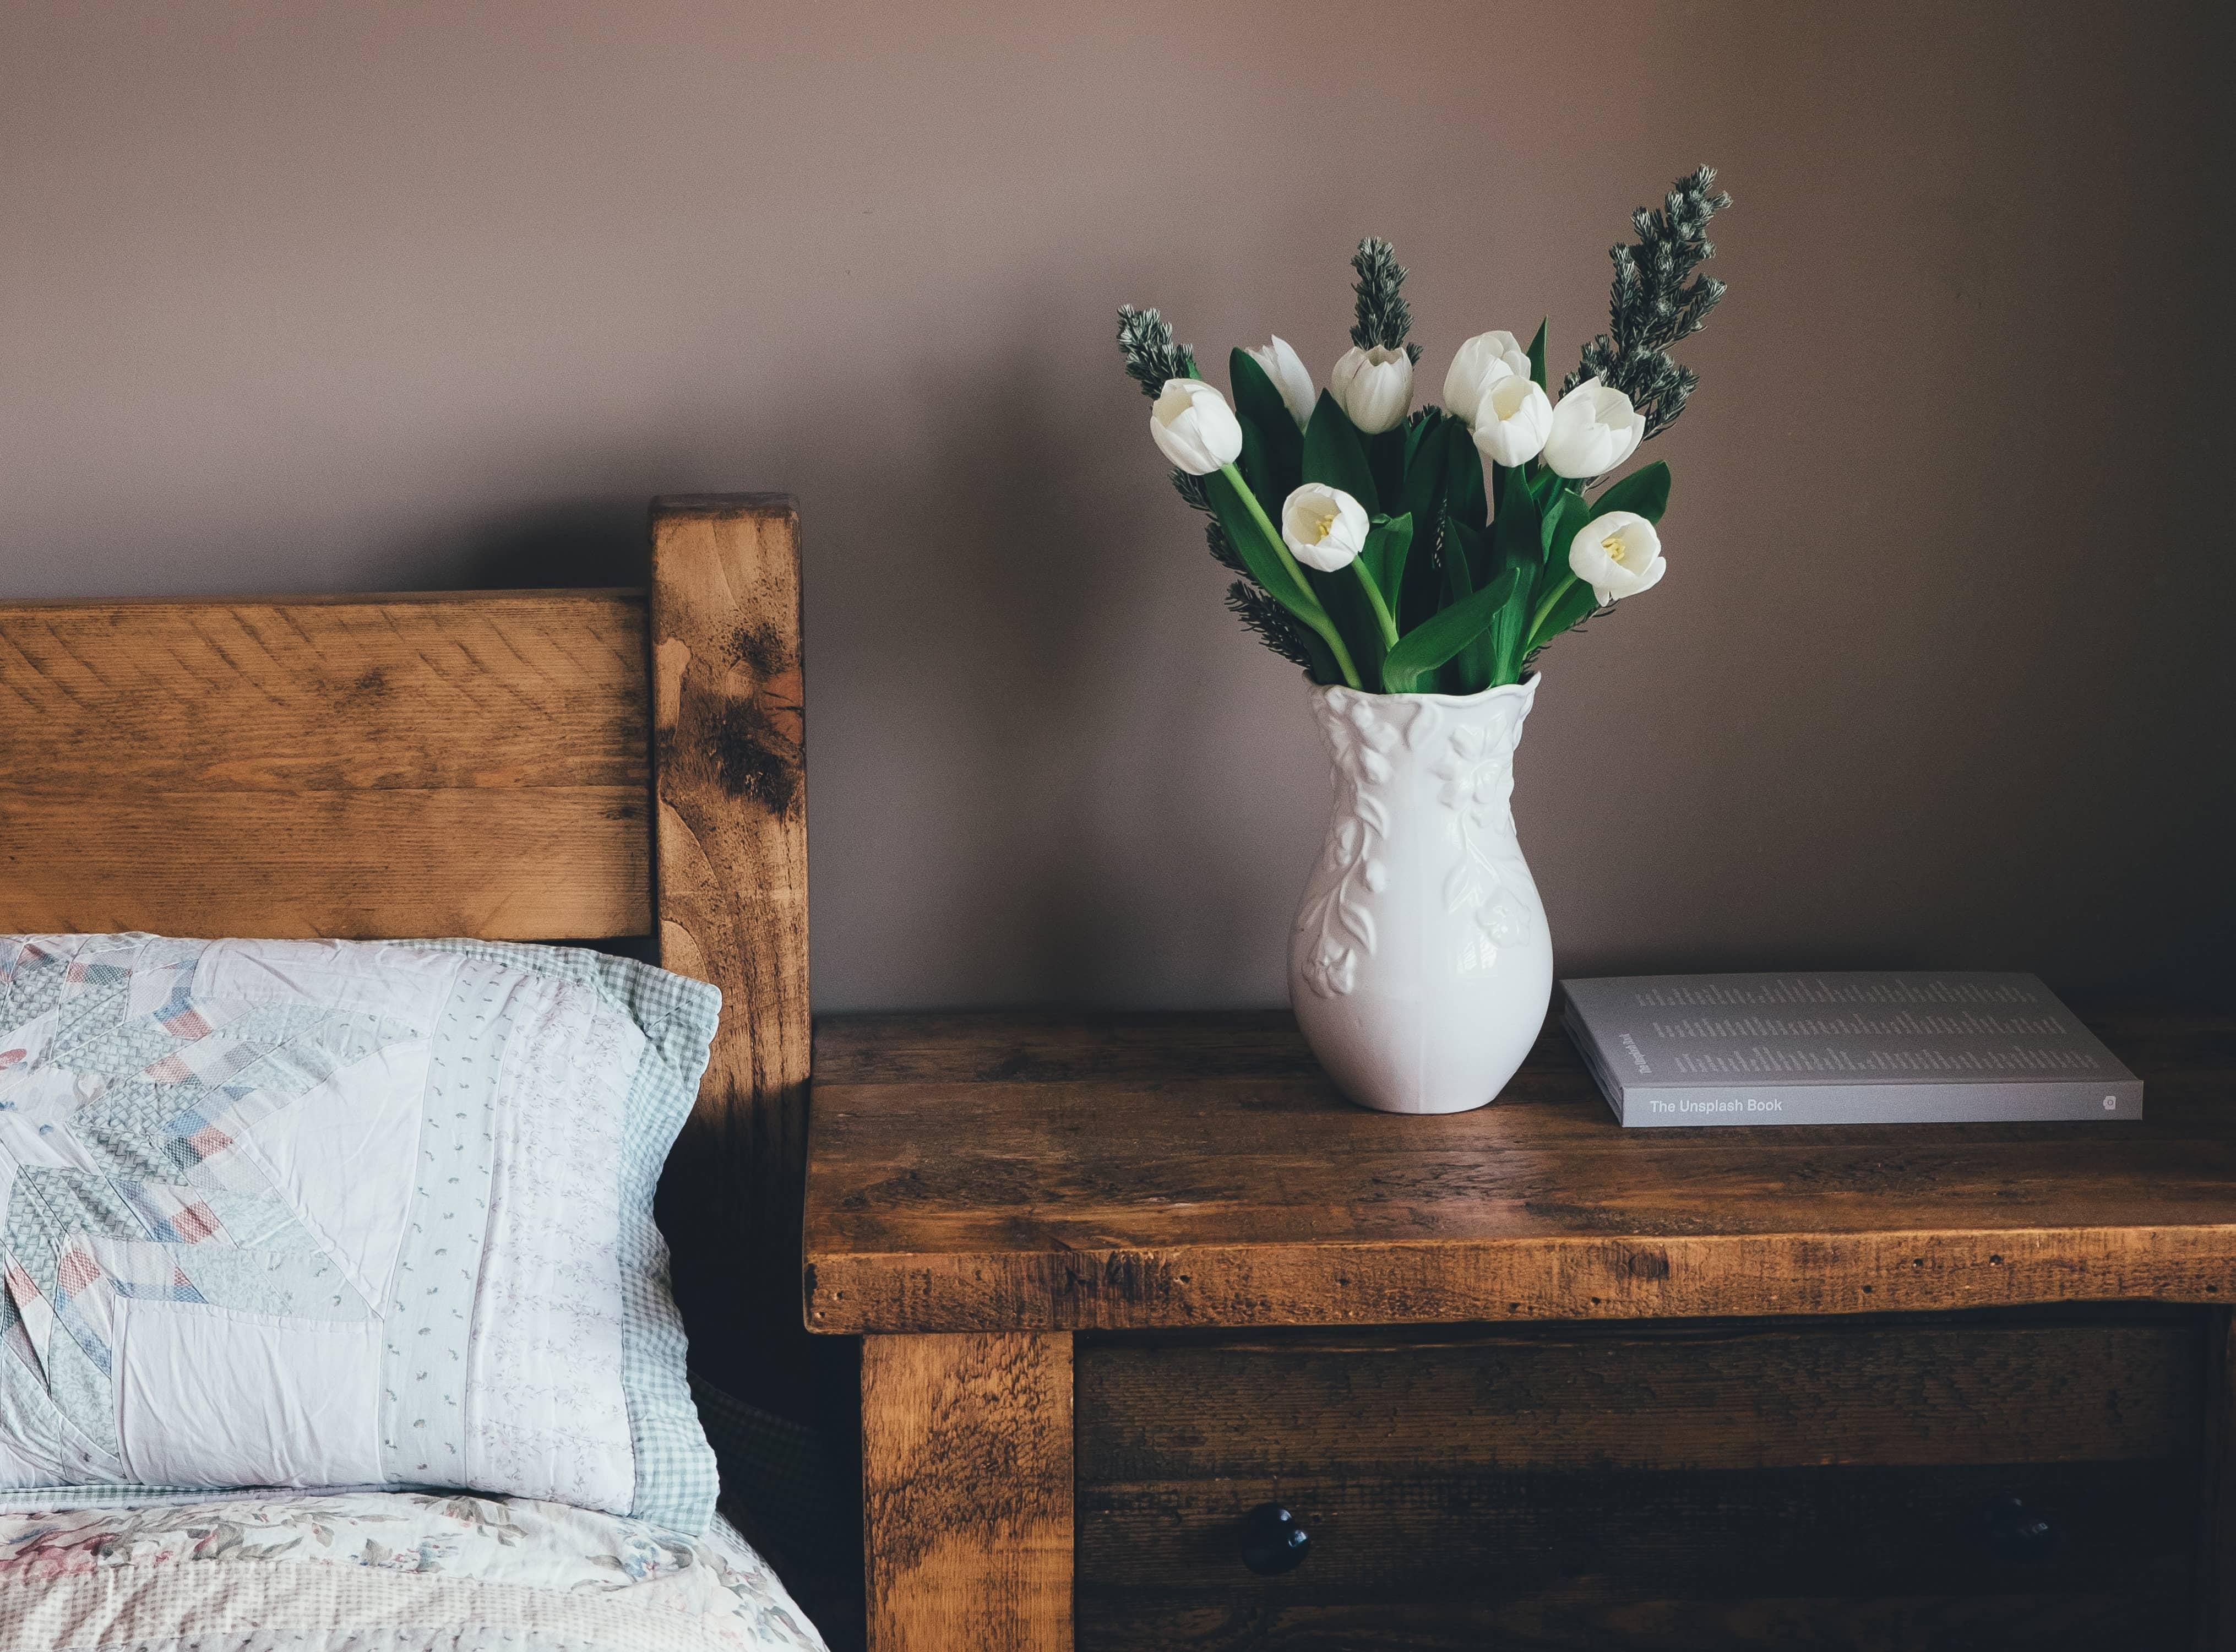 Blomvas på nattduksbord bredvid säng